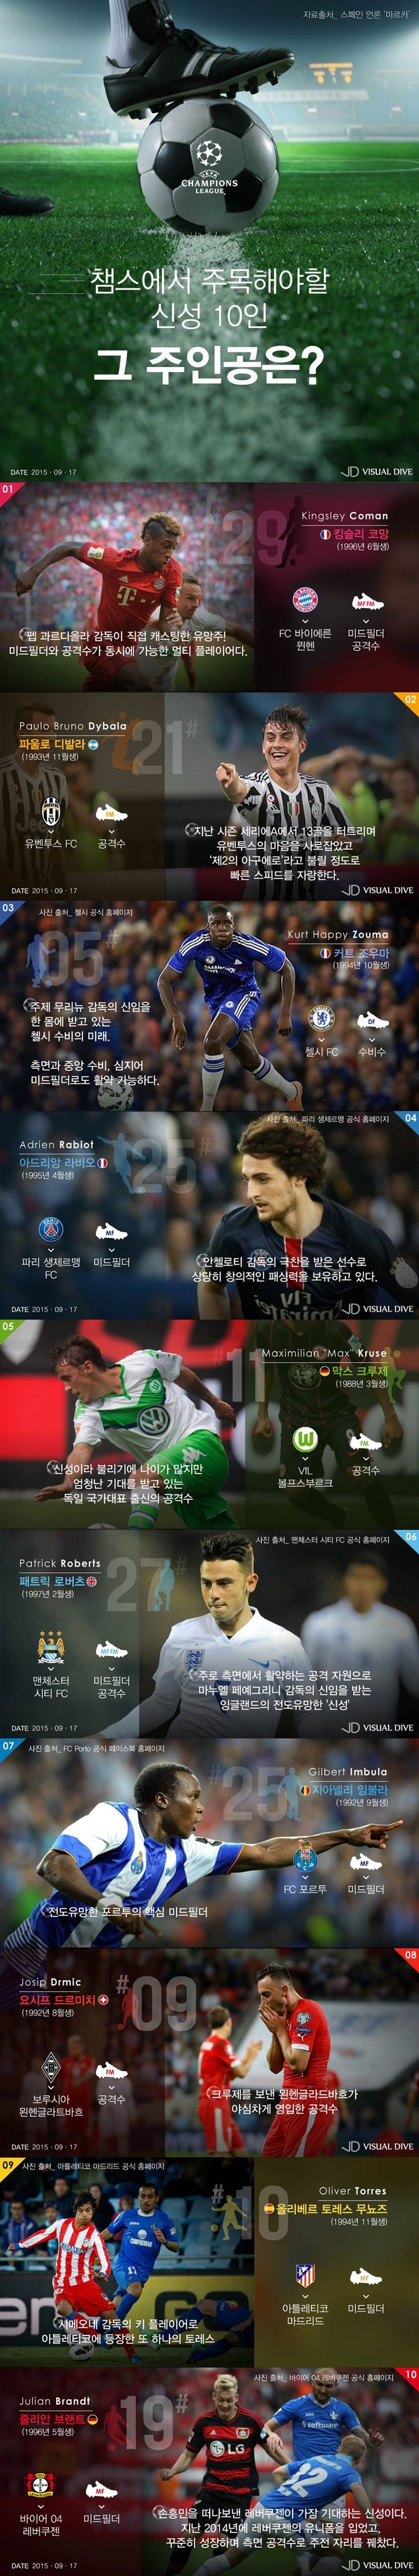 챔피언스리그, 위력의 신성 10인은 누구? [인포그래픽] #Soccer / #Infographic ⓒ 비주얼다이브 무단 복사·전재·재배포 금지